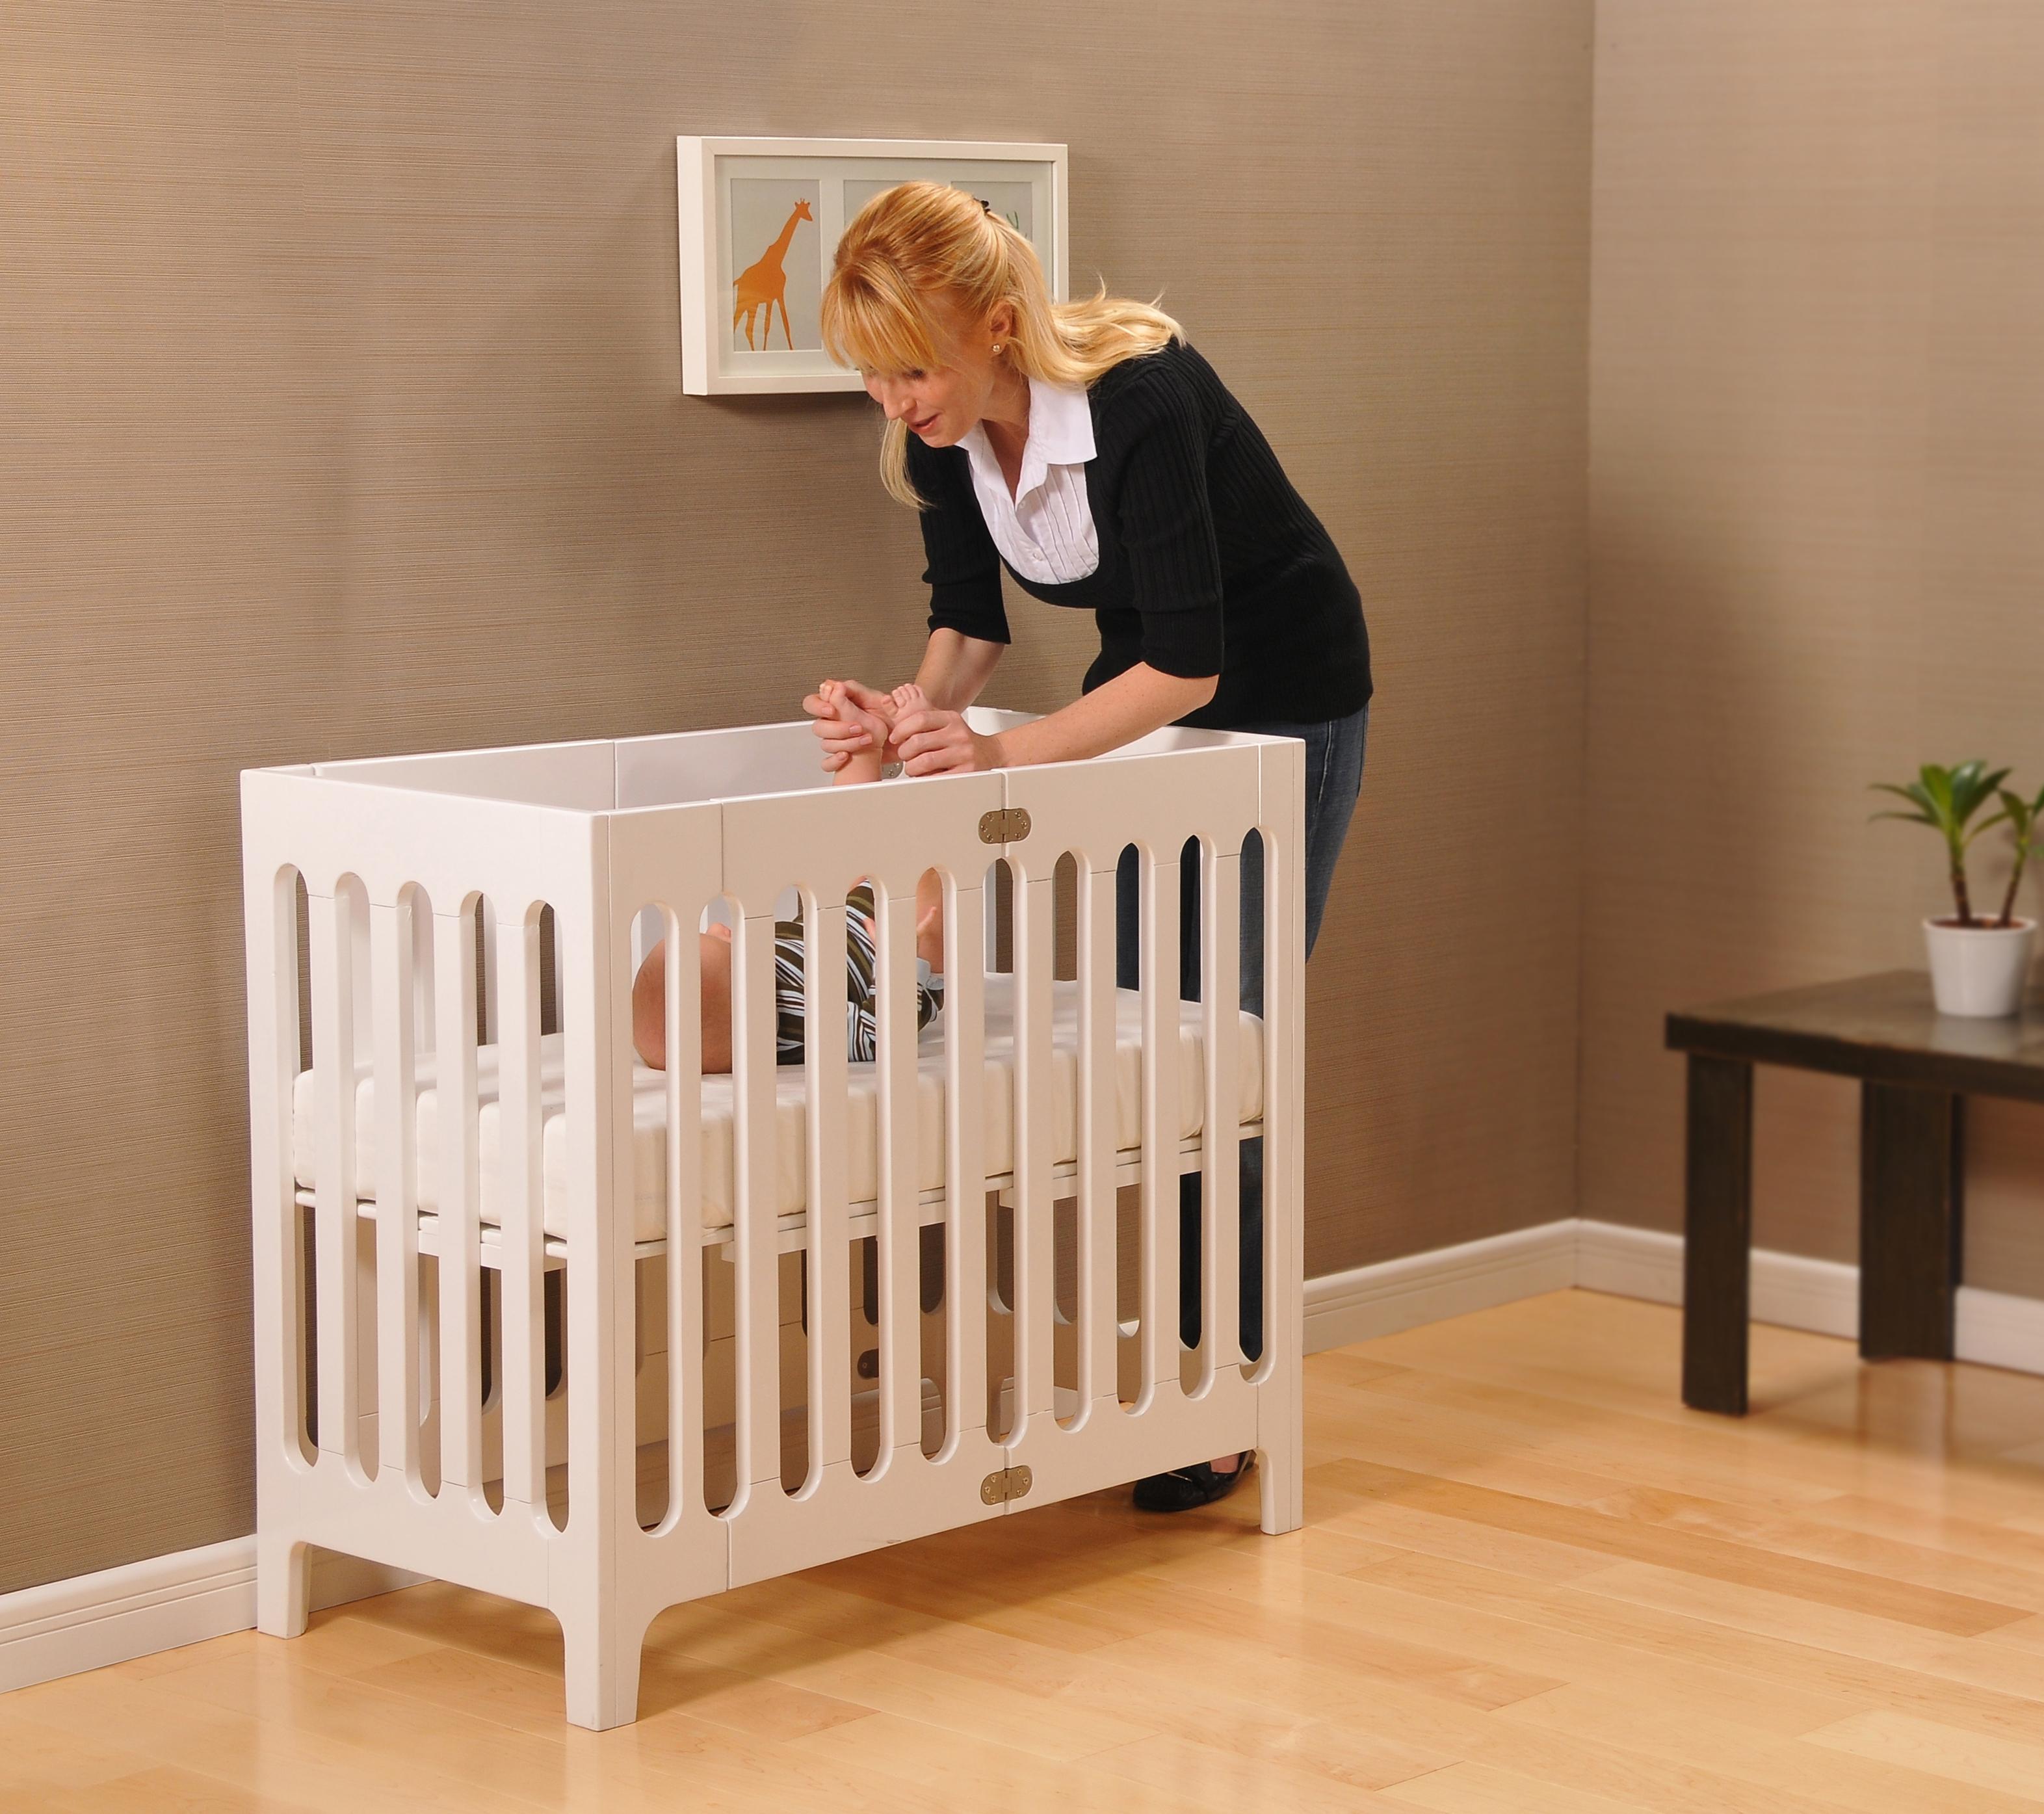 lit bebe pliant. Black Bedroom Furniture Sets. Home Design Ideas